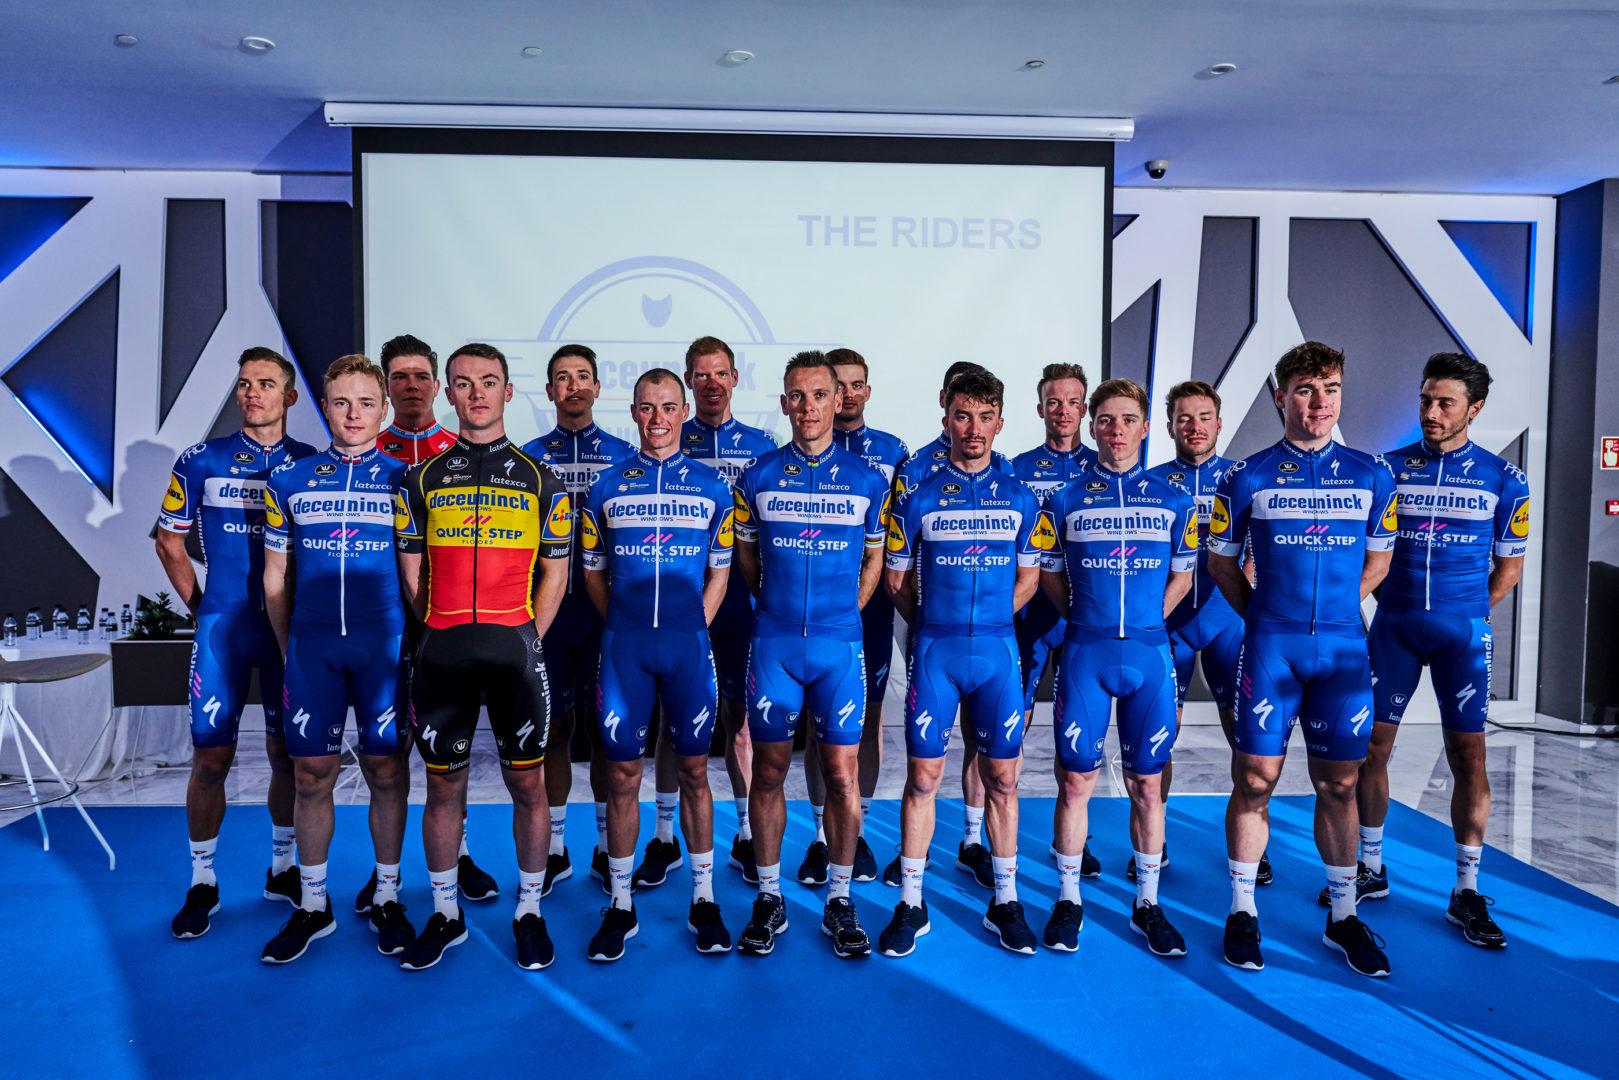 Enric Mas irá al Tour de Francia y Gilbert será el líder en las clásicas de primavera